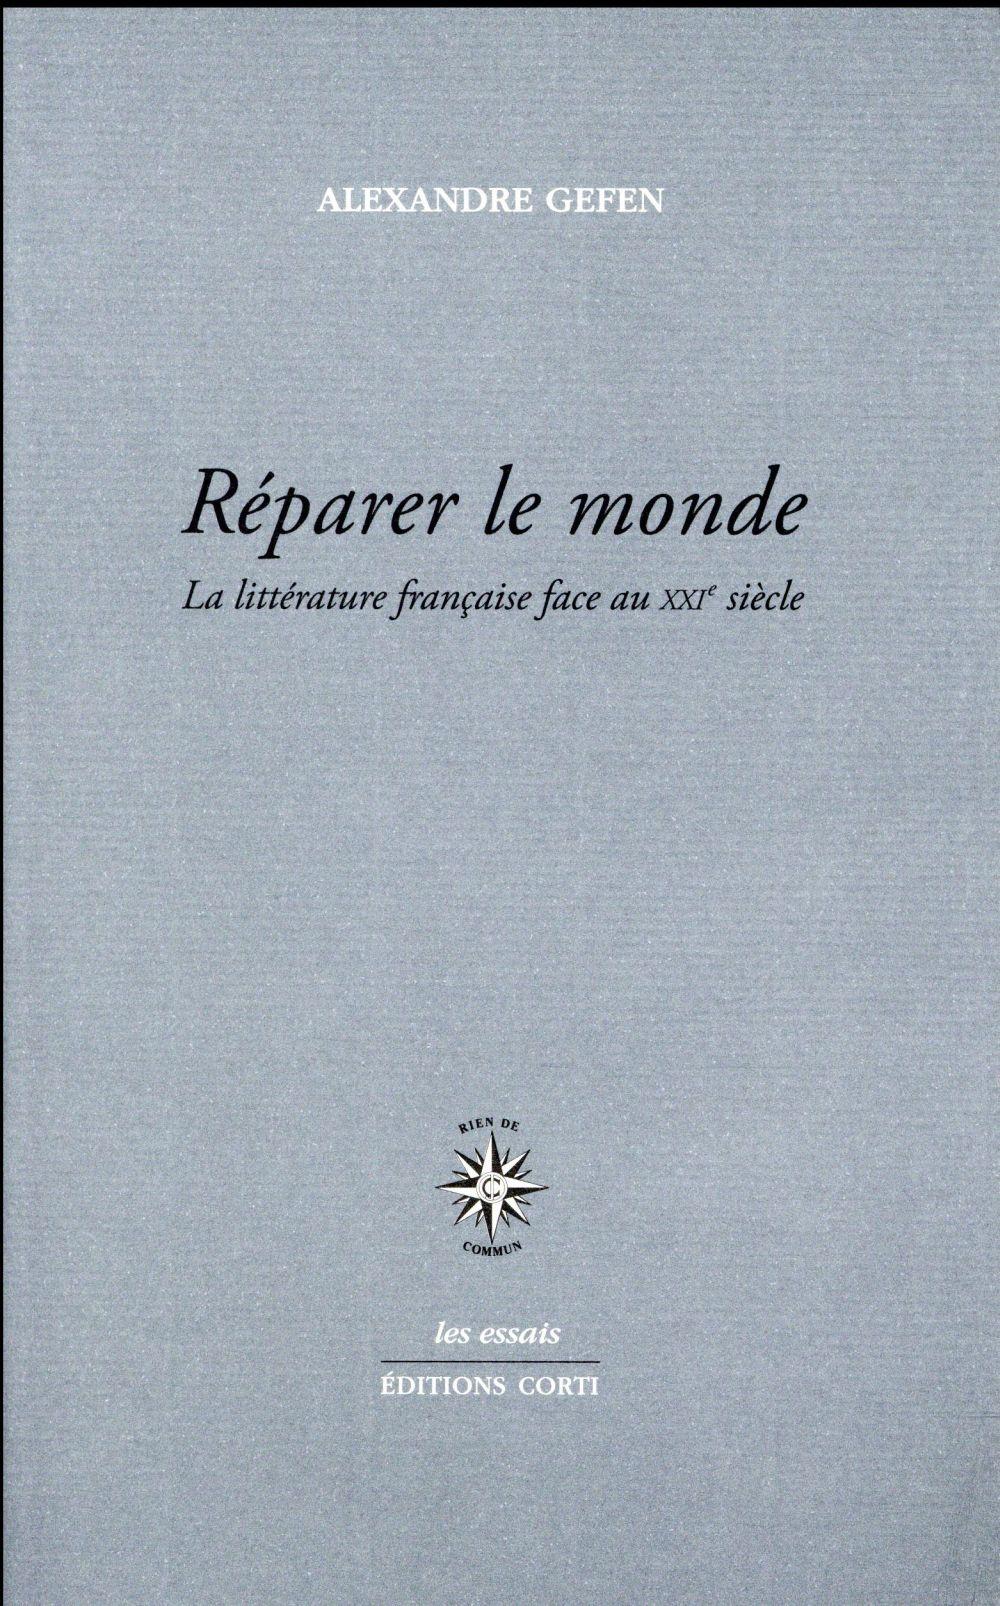 REPARER LE MONDE, LA LITTERATURE FRANCAISE FACE AU XXIE SIECLE